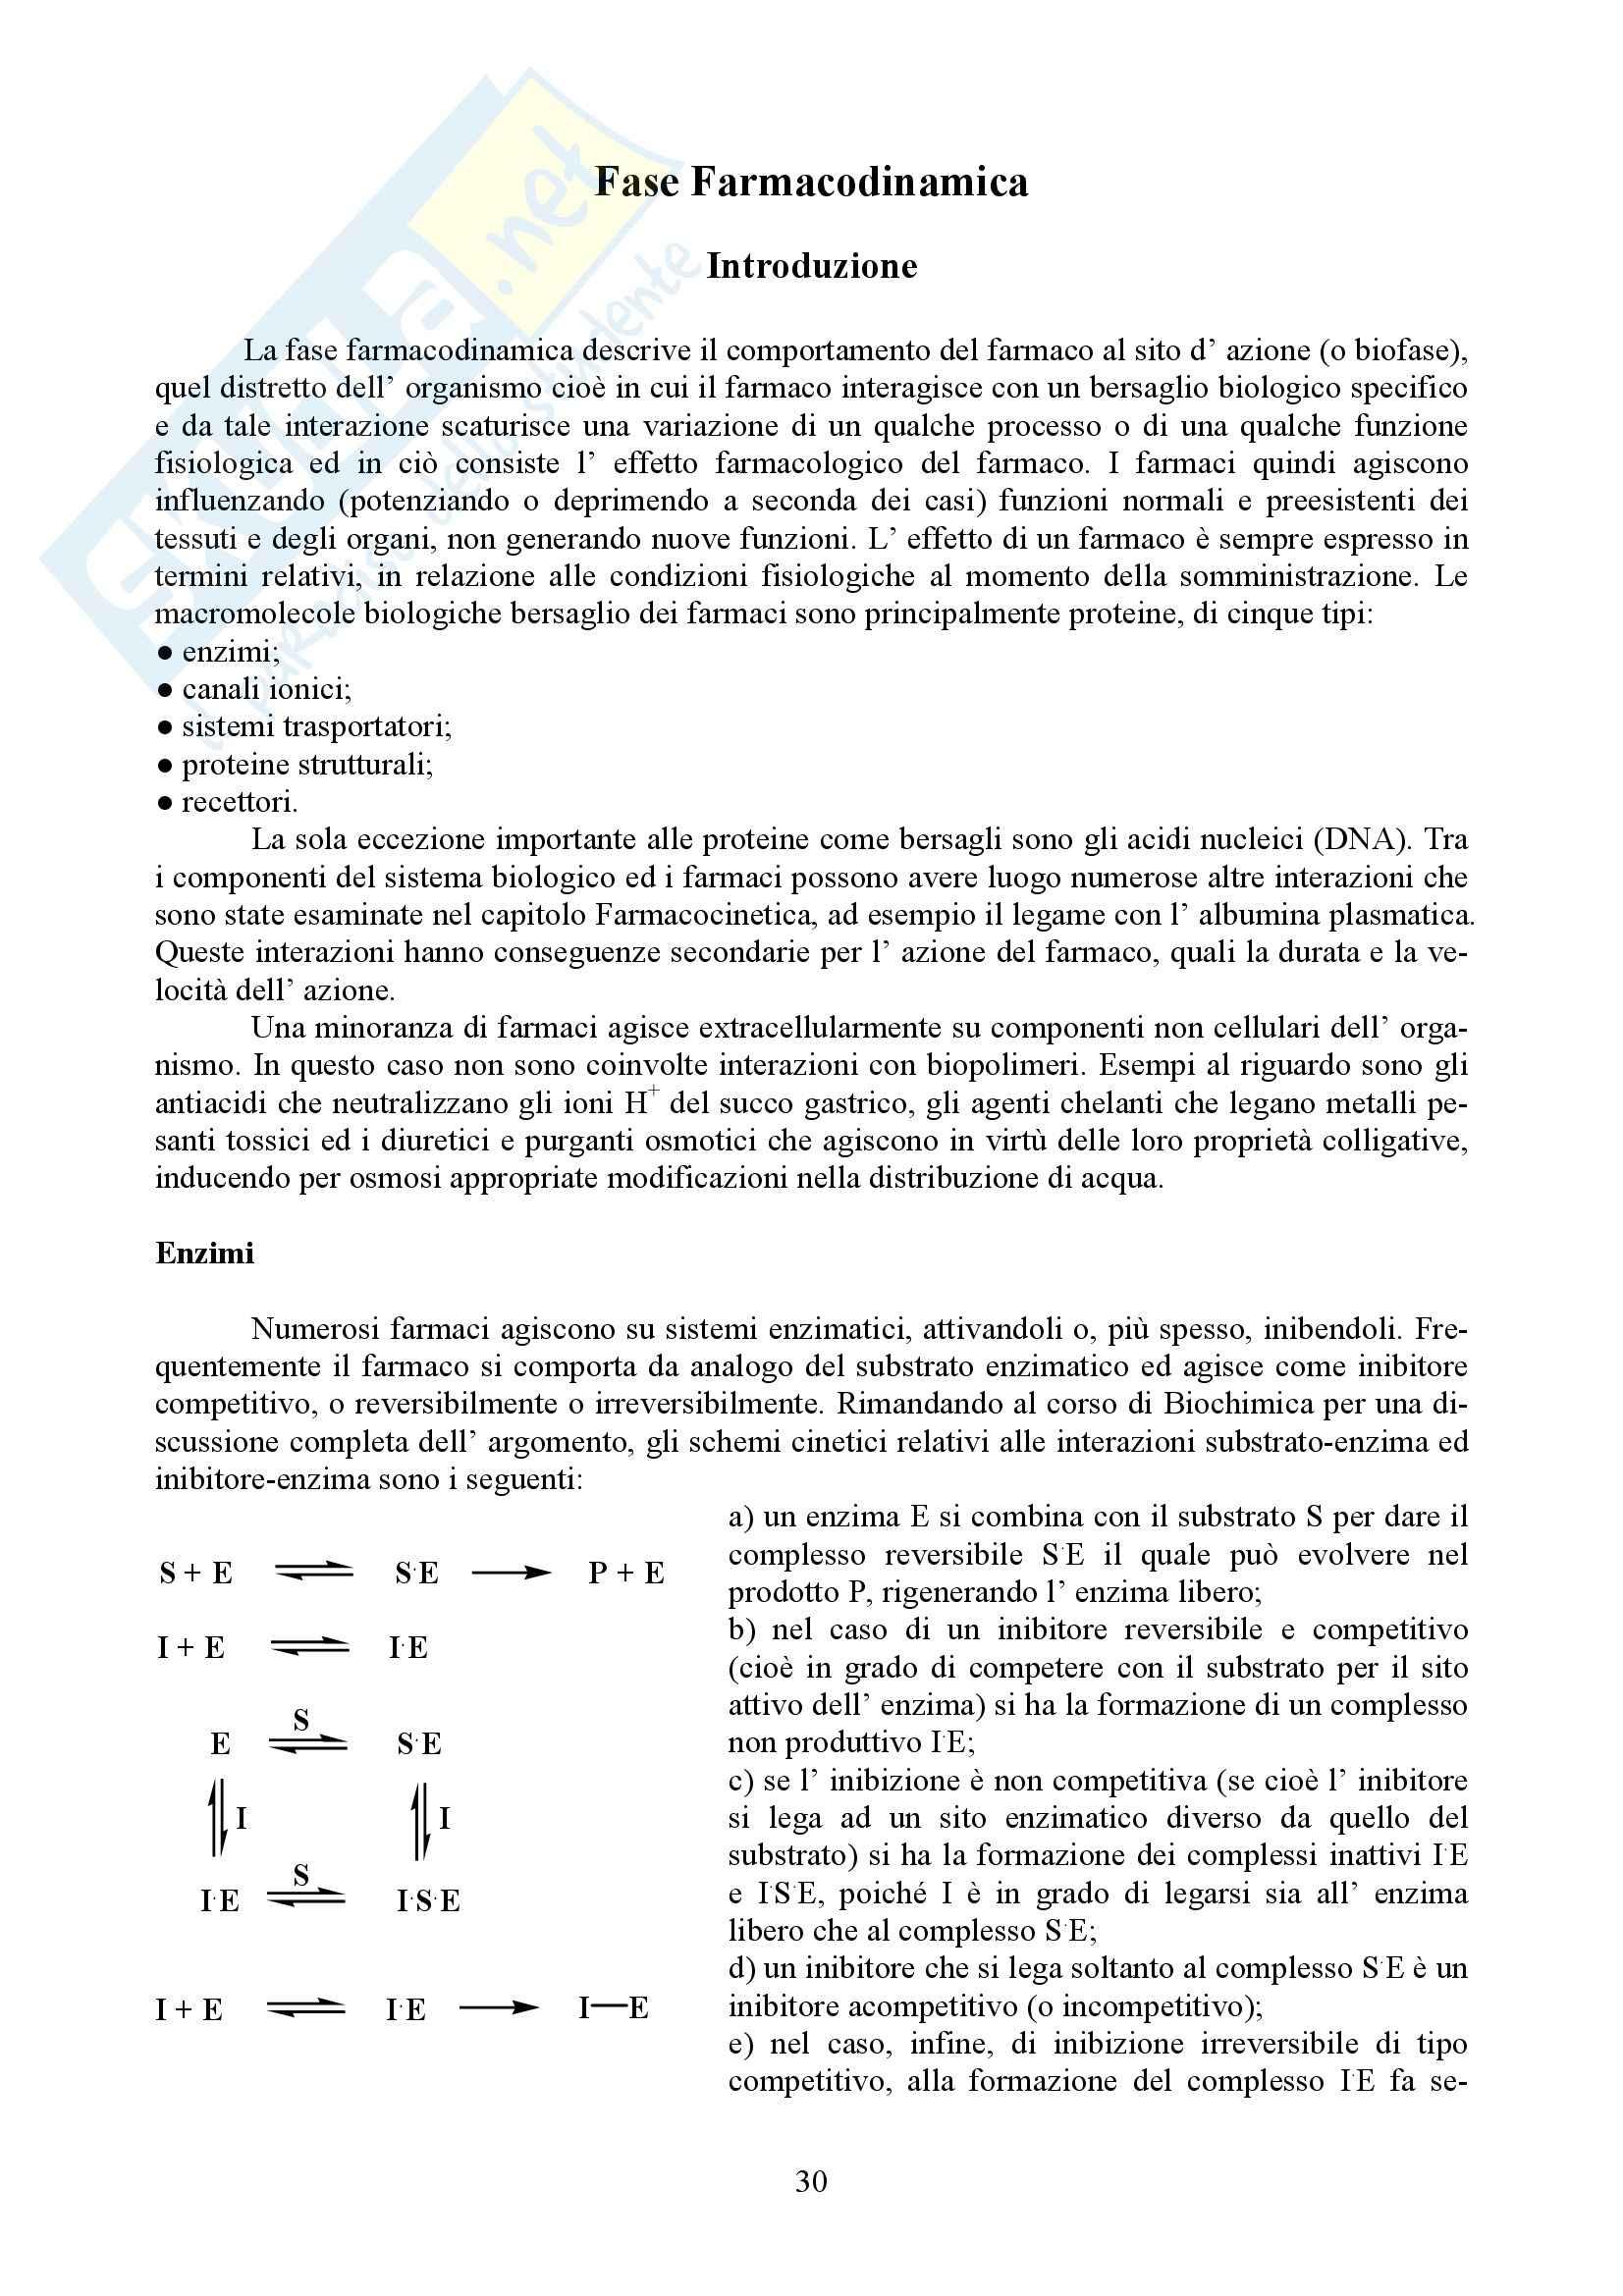 Chimica farmaceutica e tossicologica I - Appunti Pag. 31